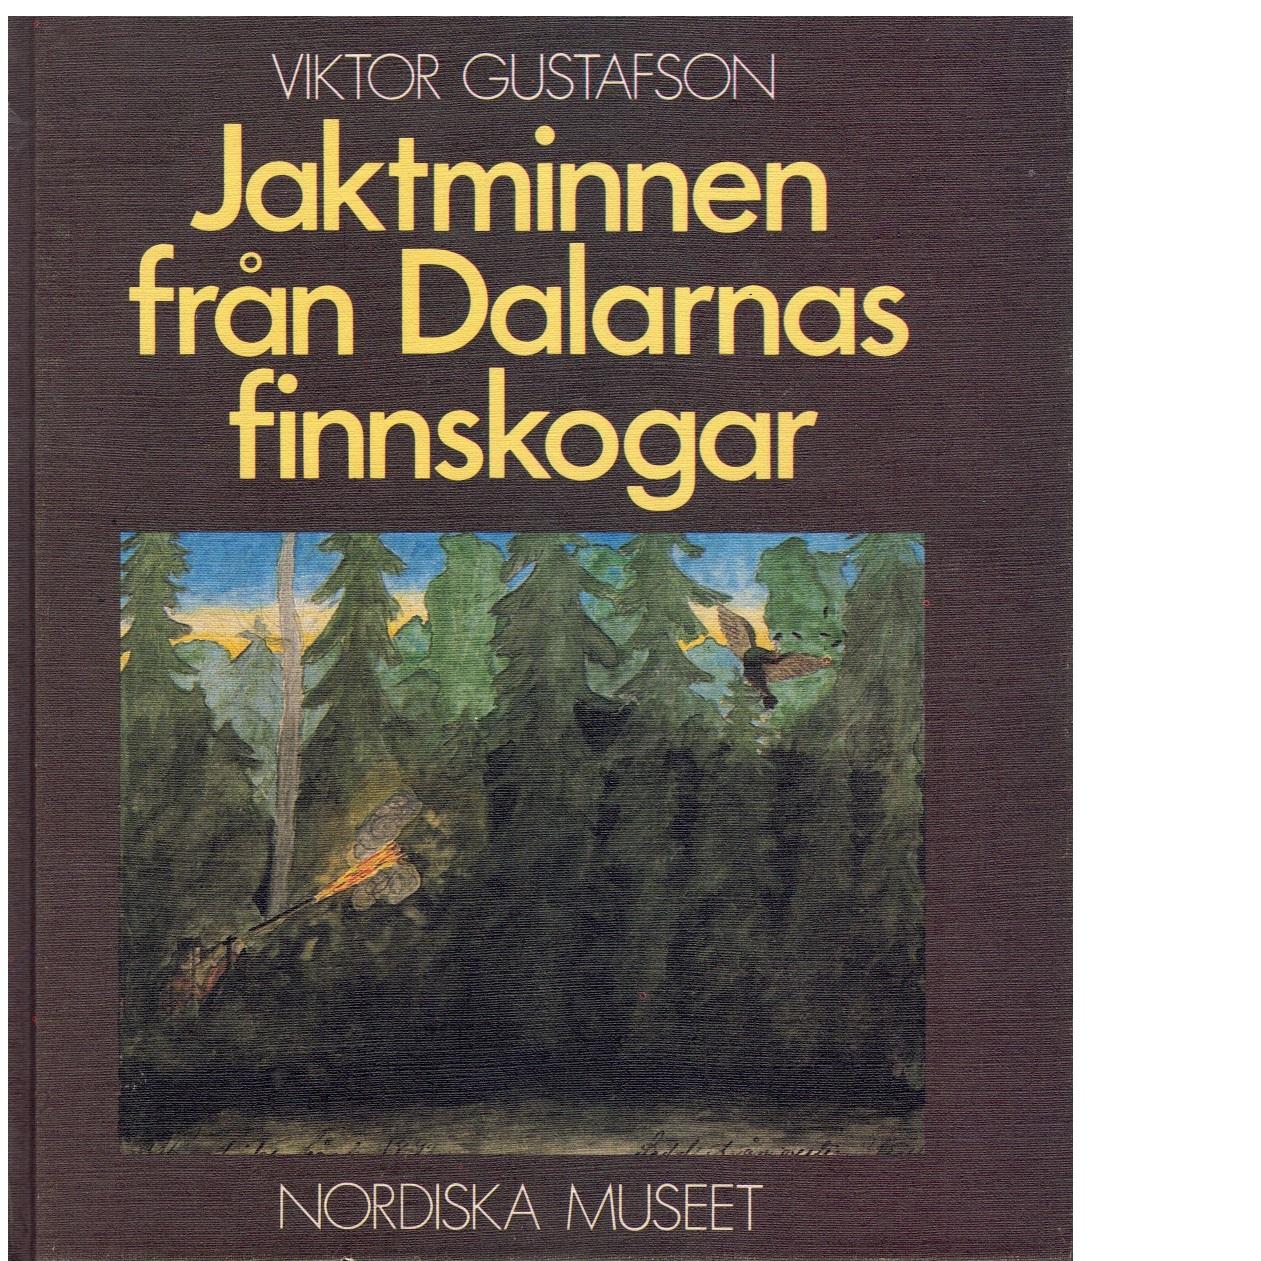 Jaktminnen från Dalarnas finnskogar - Gustafson, Viktor